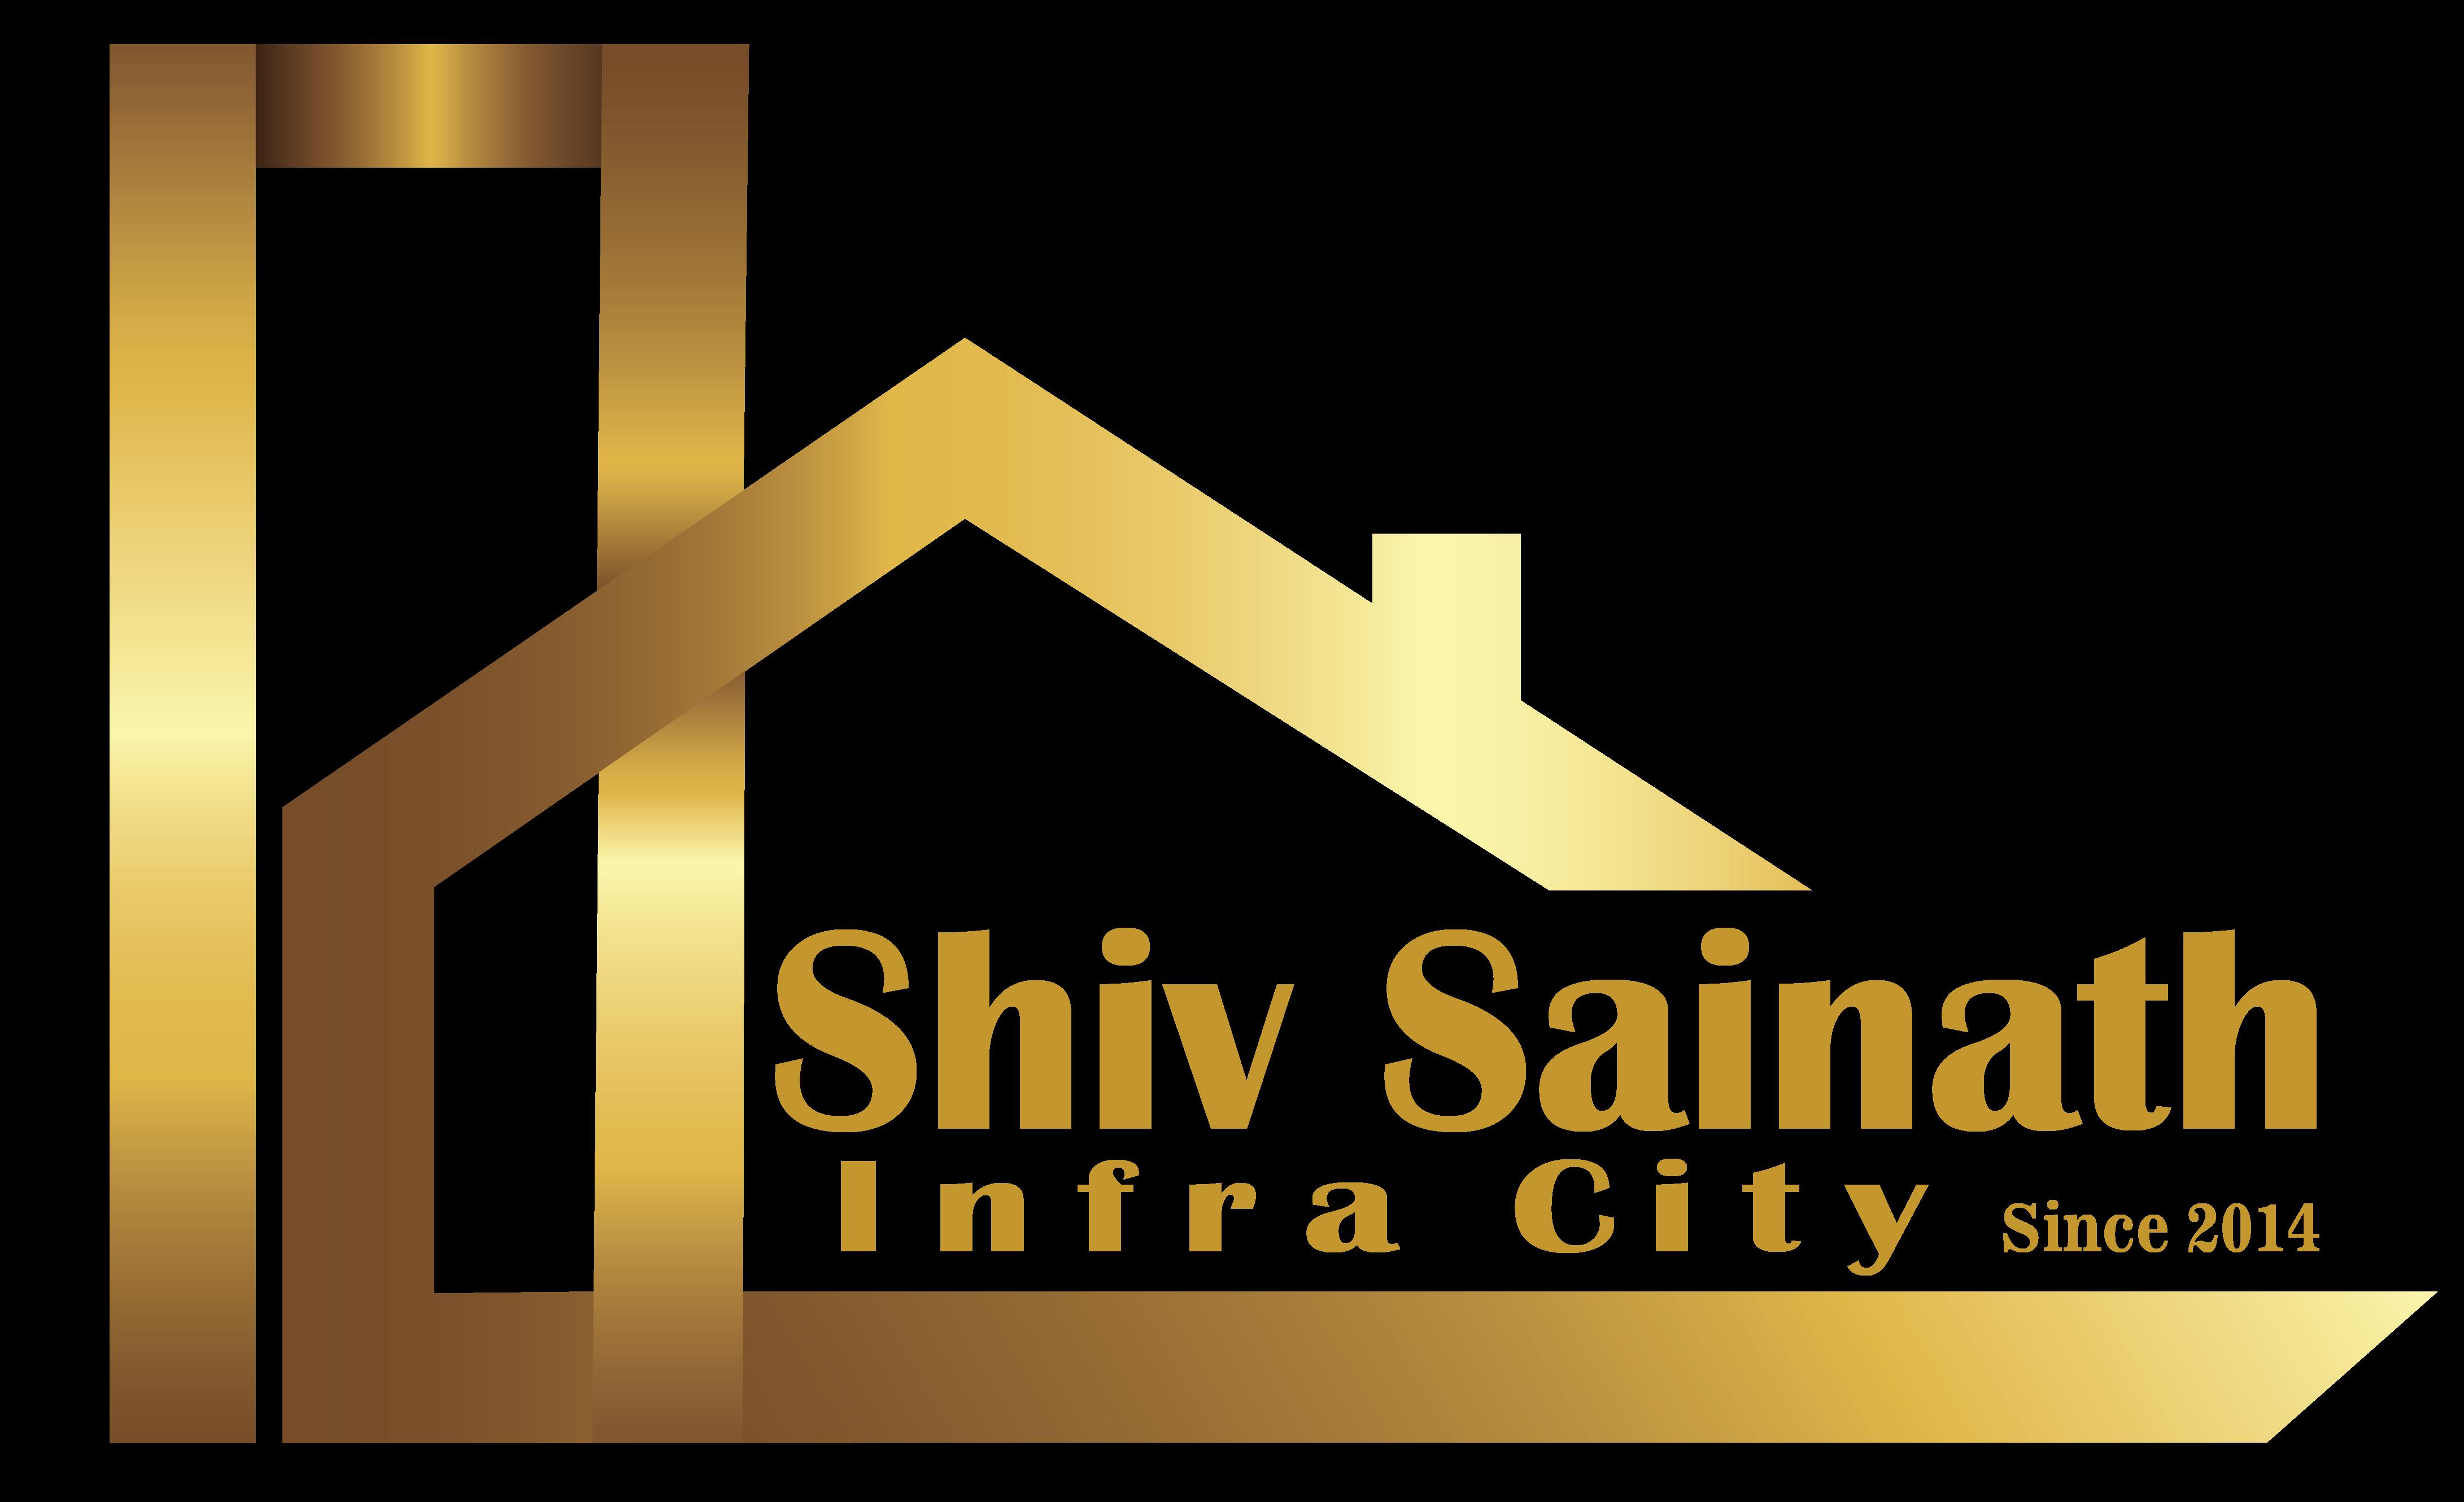 Shiv Sainath Infra City